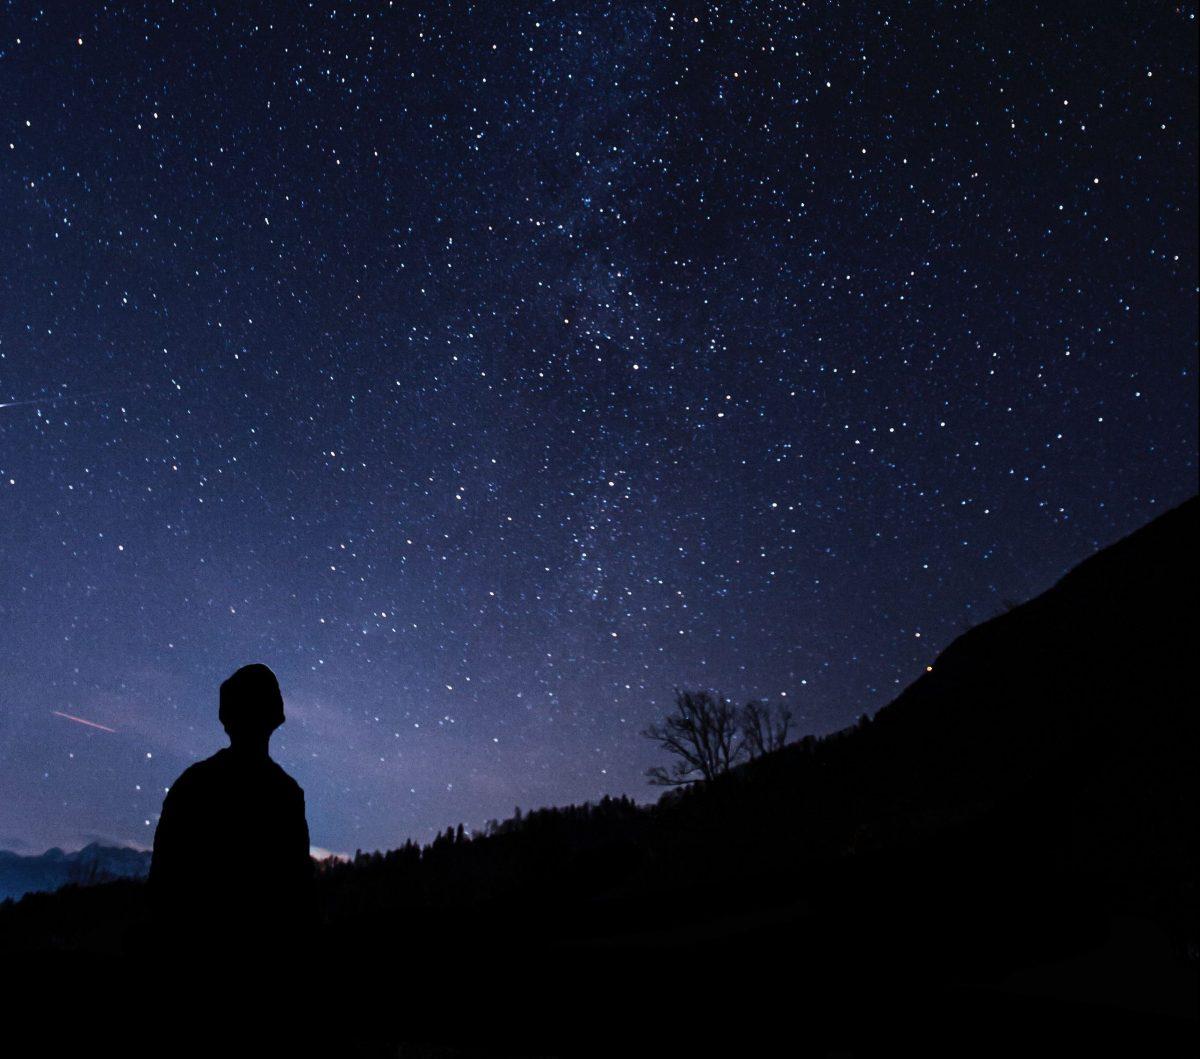 un homme regarde un ciel étoilé